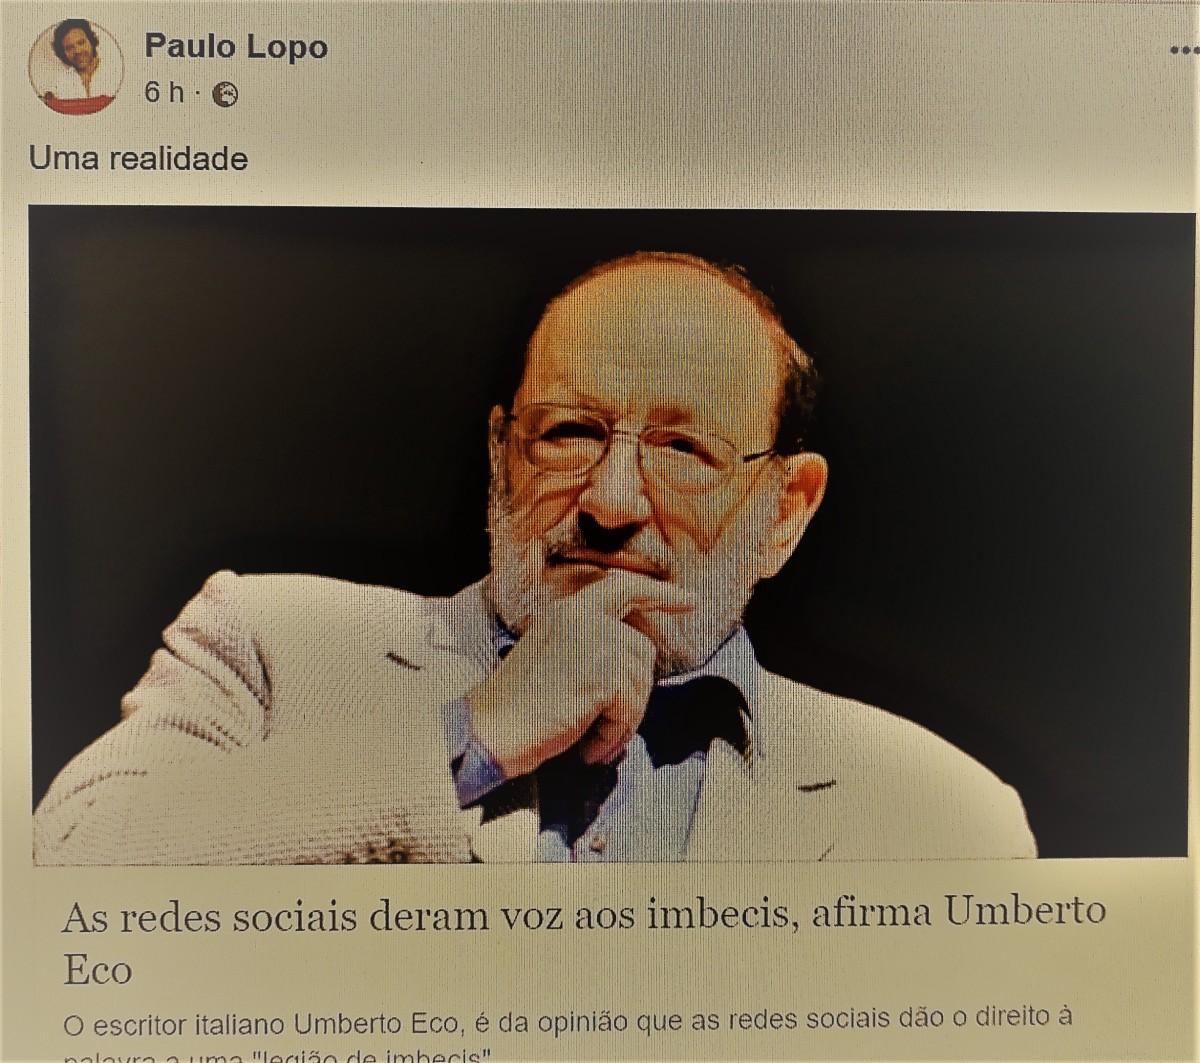 Paulo Lopo cansado dos imbecis das redes sociais